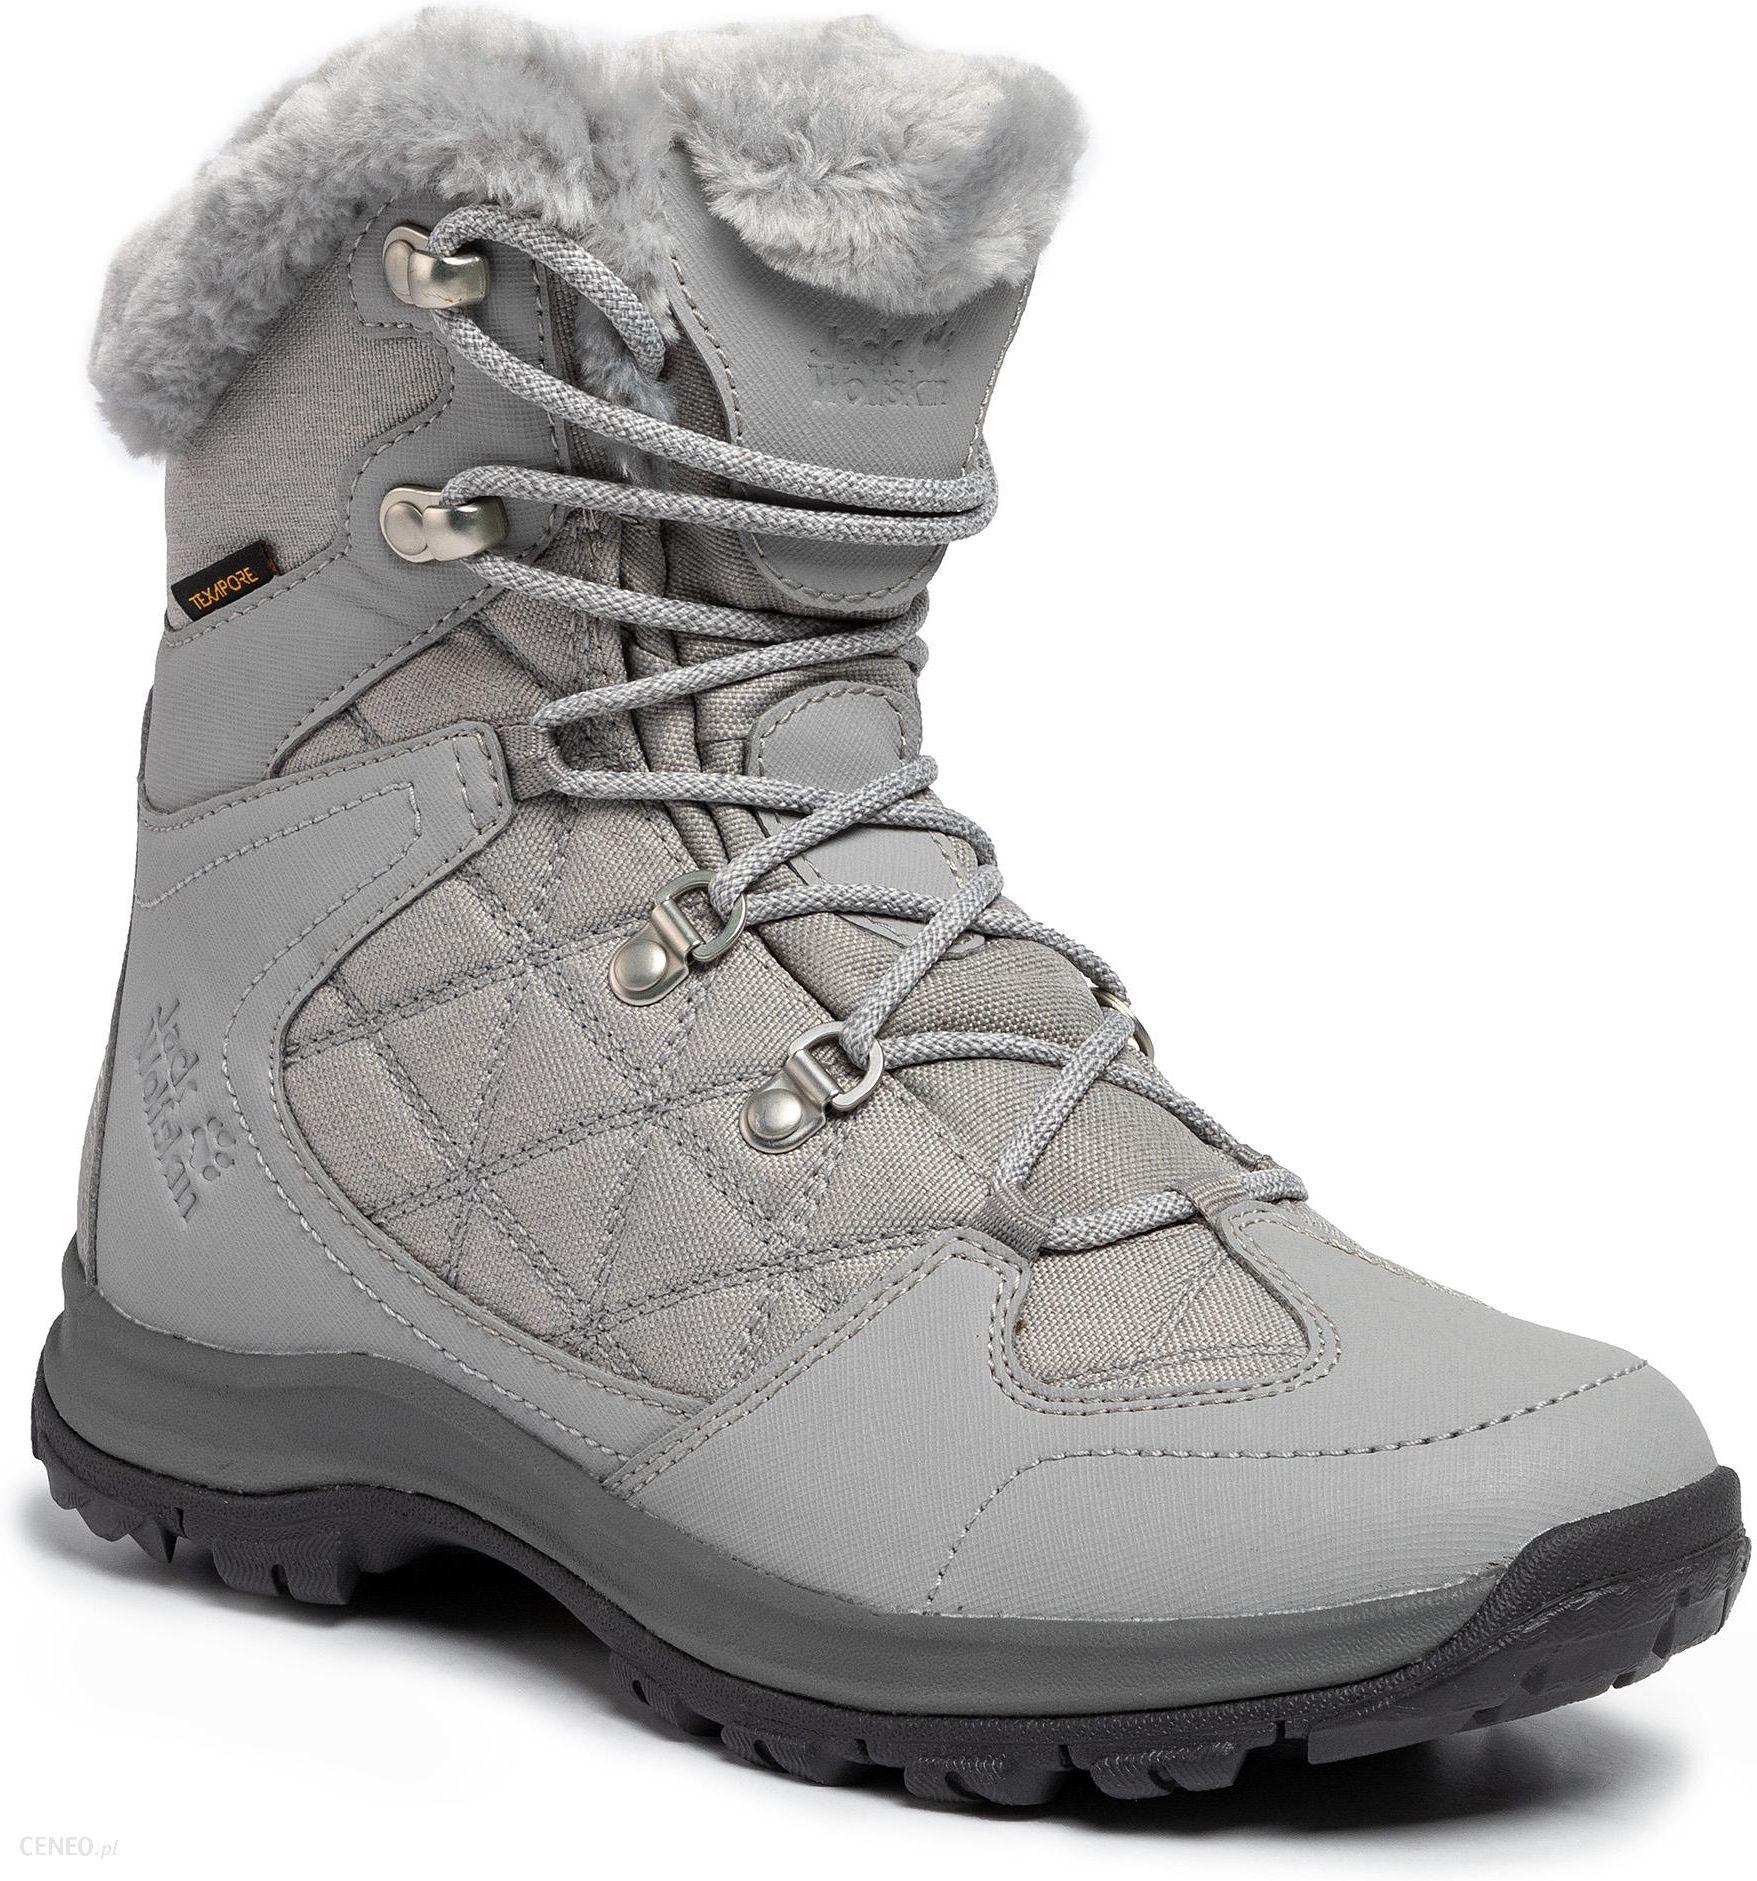 Śniegowce JACK WOLFSKIN Thunder Bay Texapore Mid W 4020532 6125040 Light GreyGrey